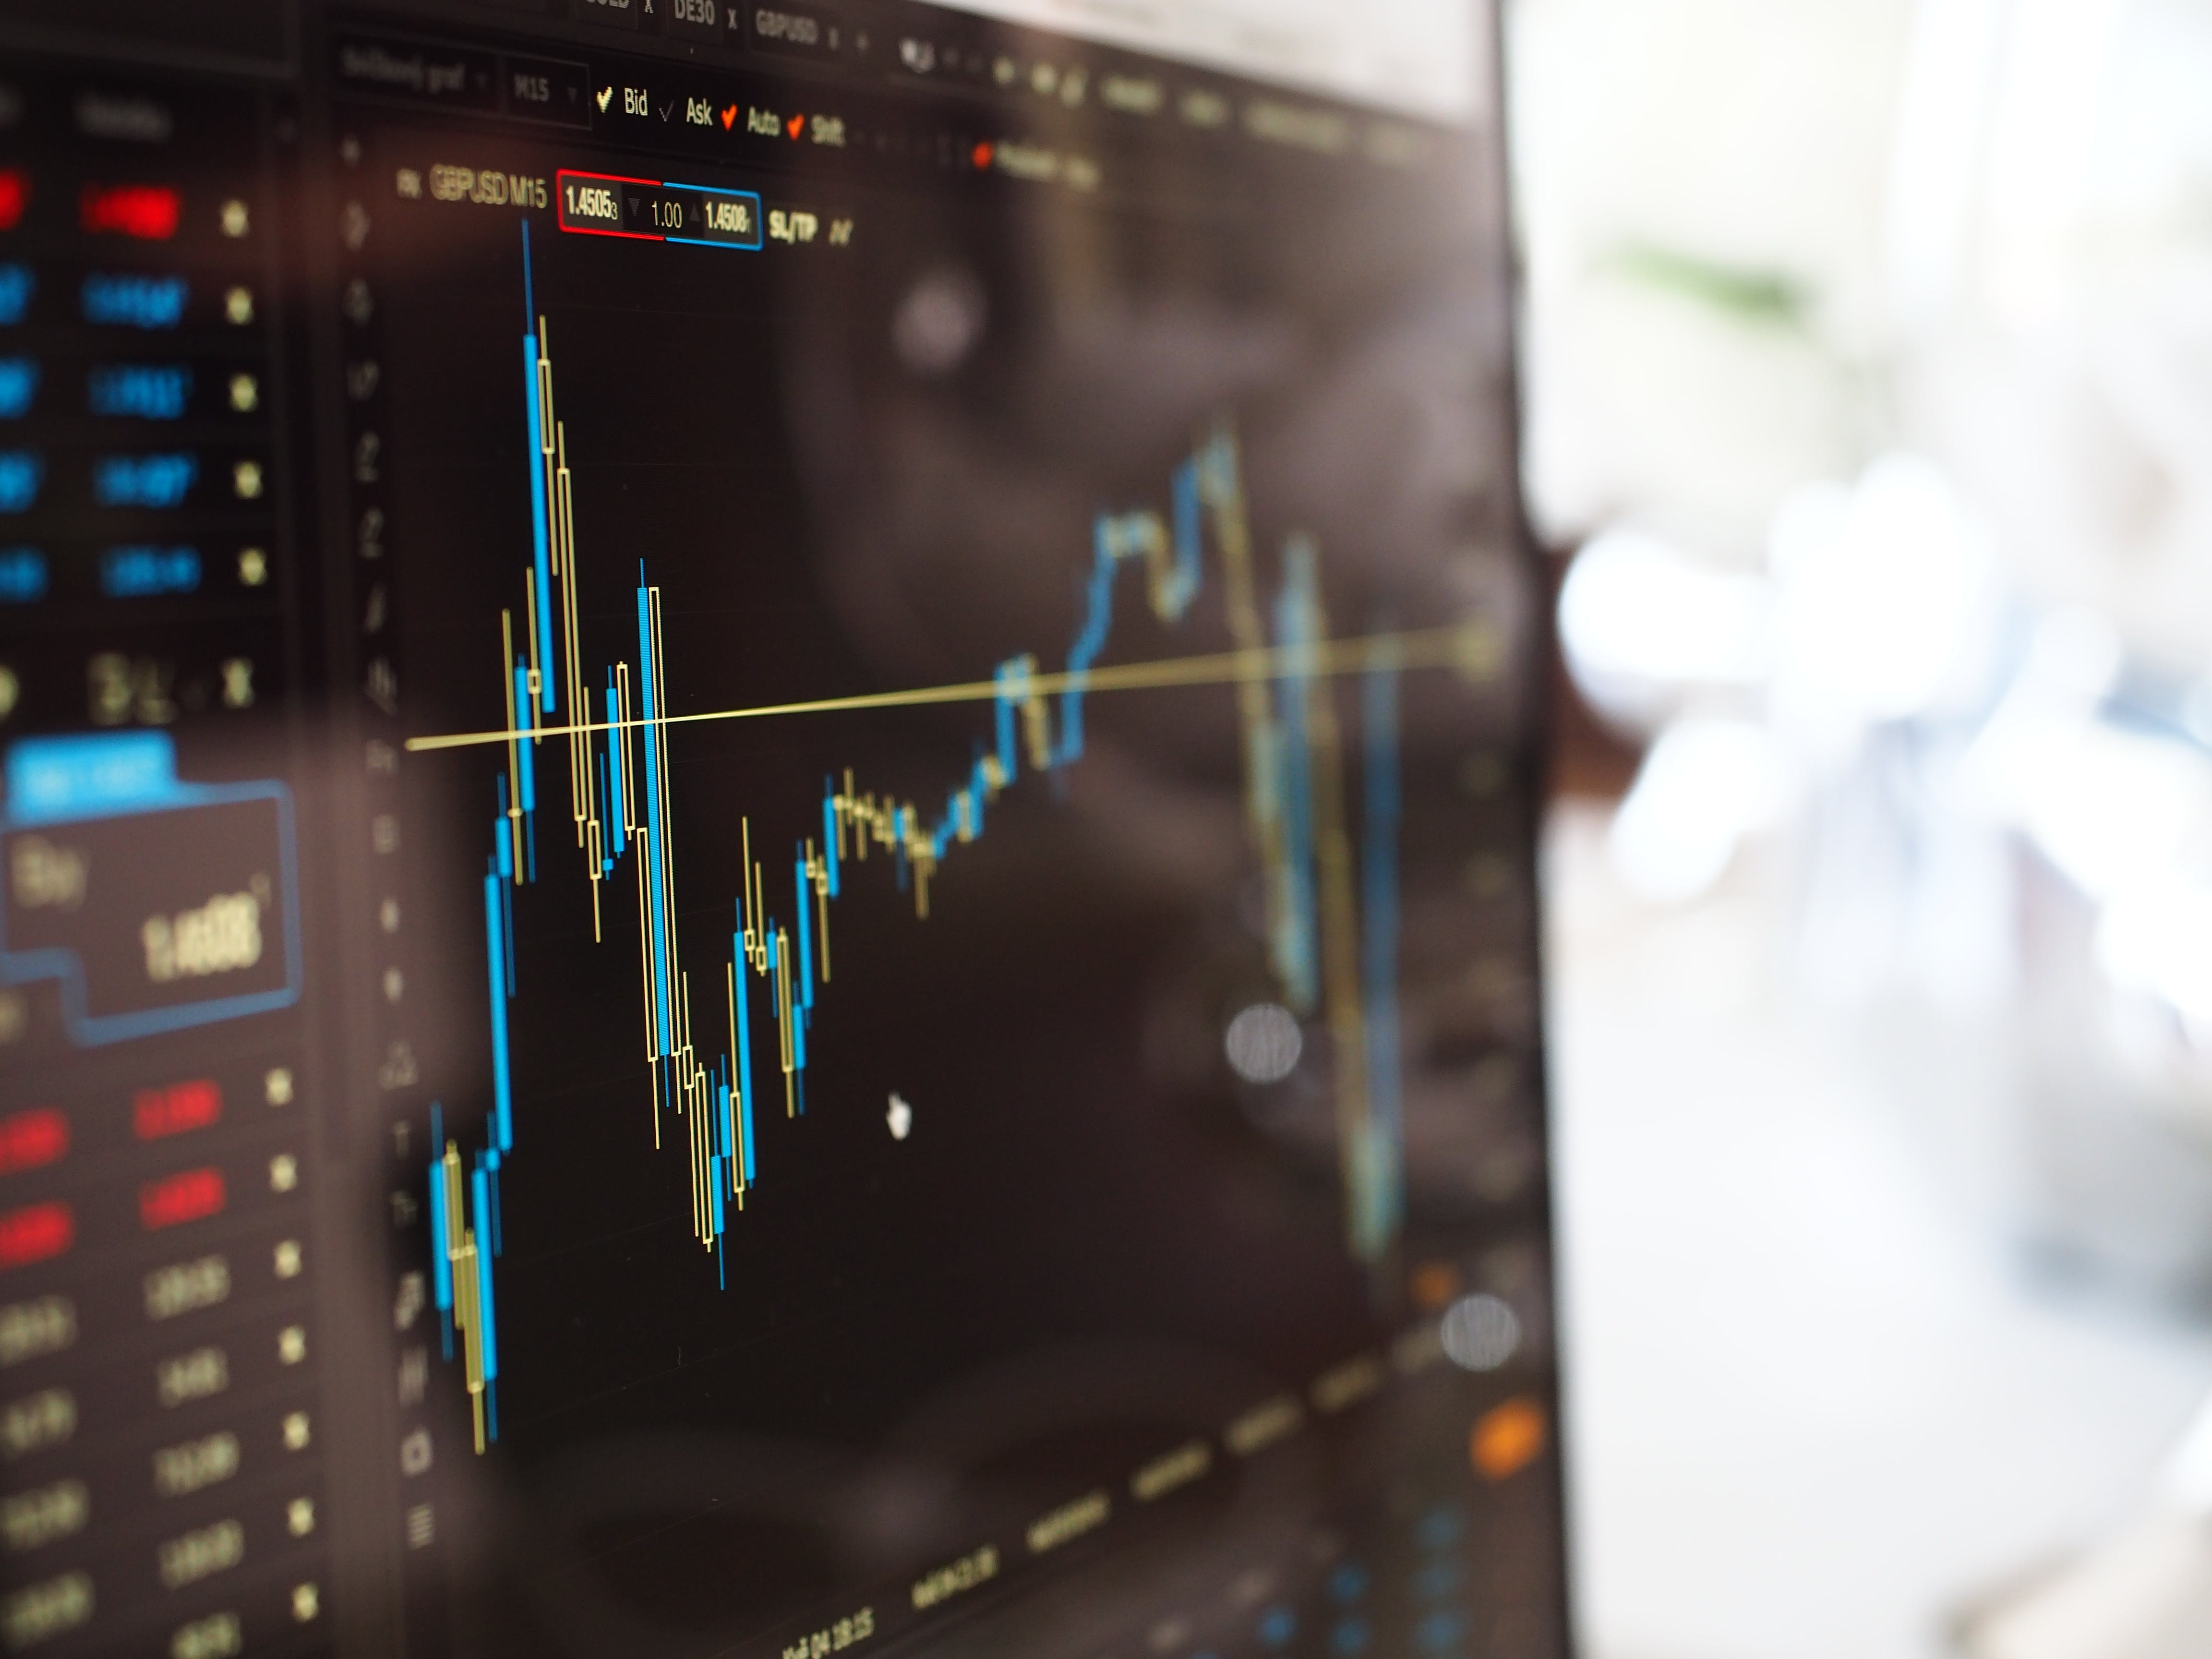 Le azioni proseguono mentre la volatilità europea svanisc thumbnail